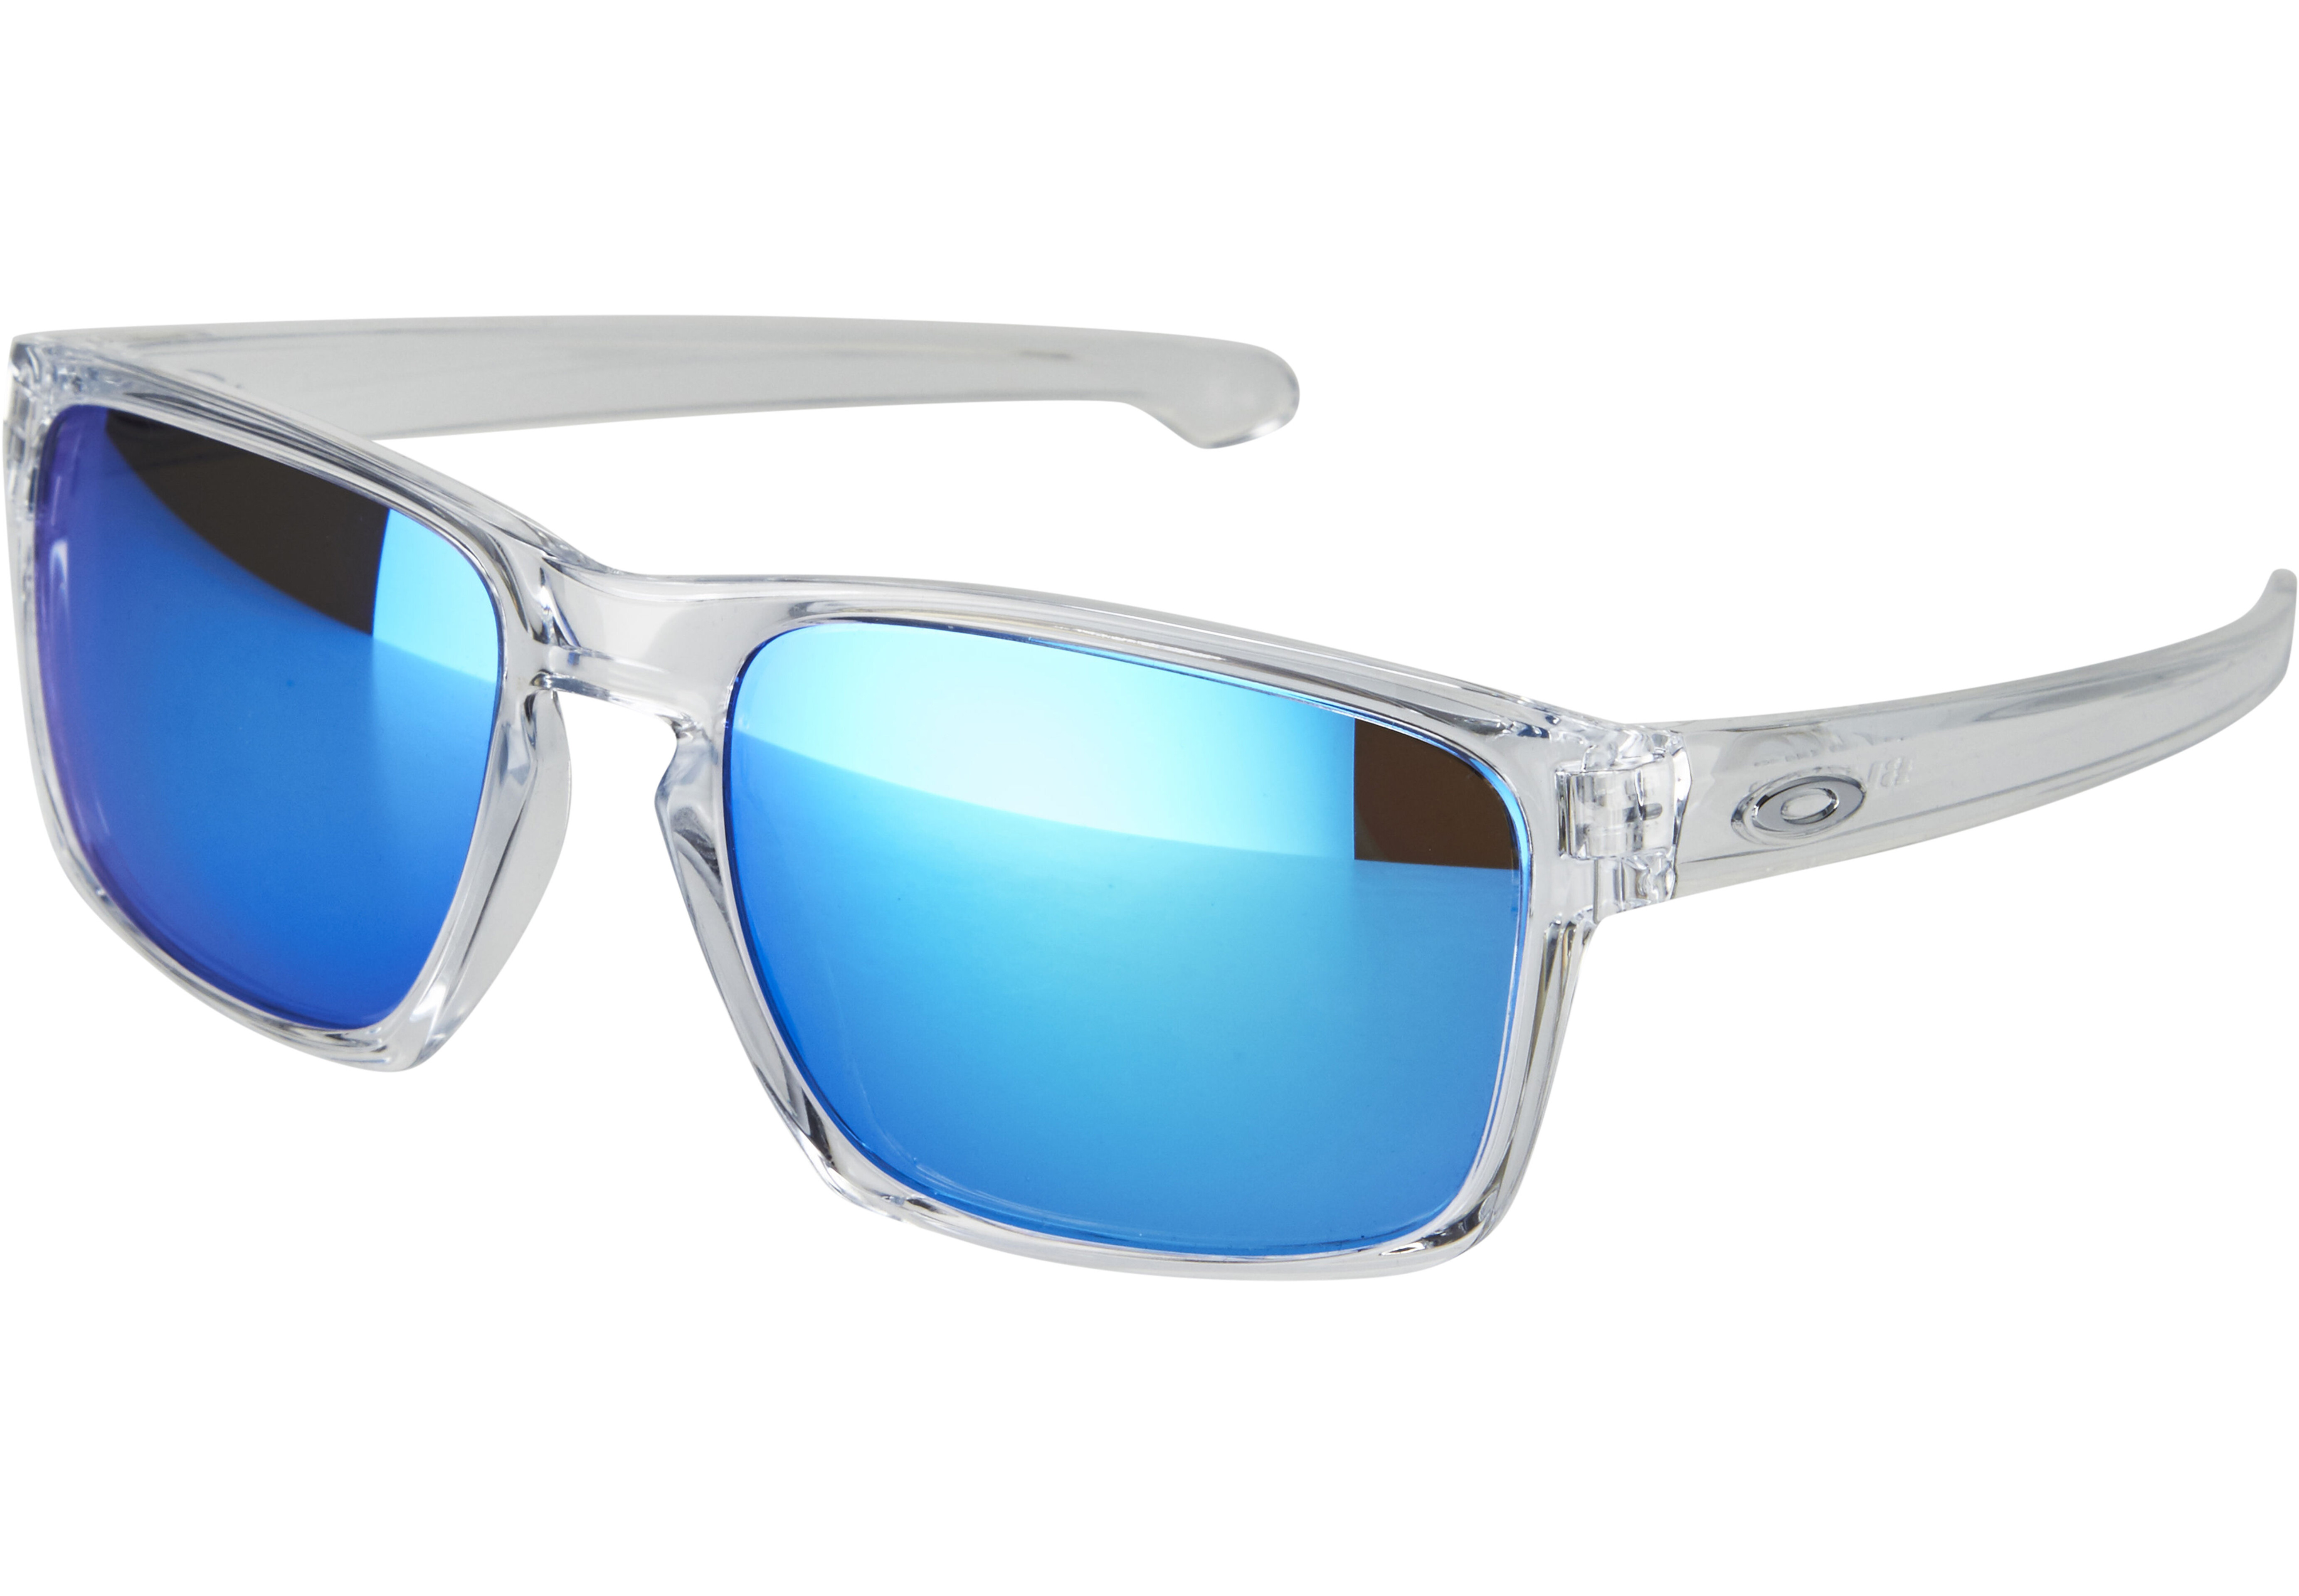 Oakley Sliver - Gafas ciclismo - azul transparente   Campz.es dcedb5ca00